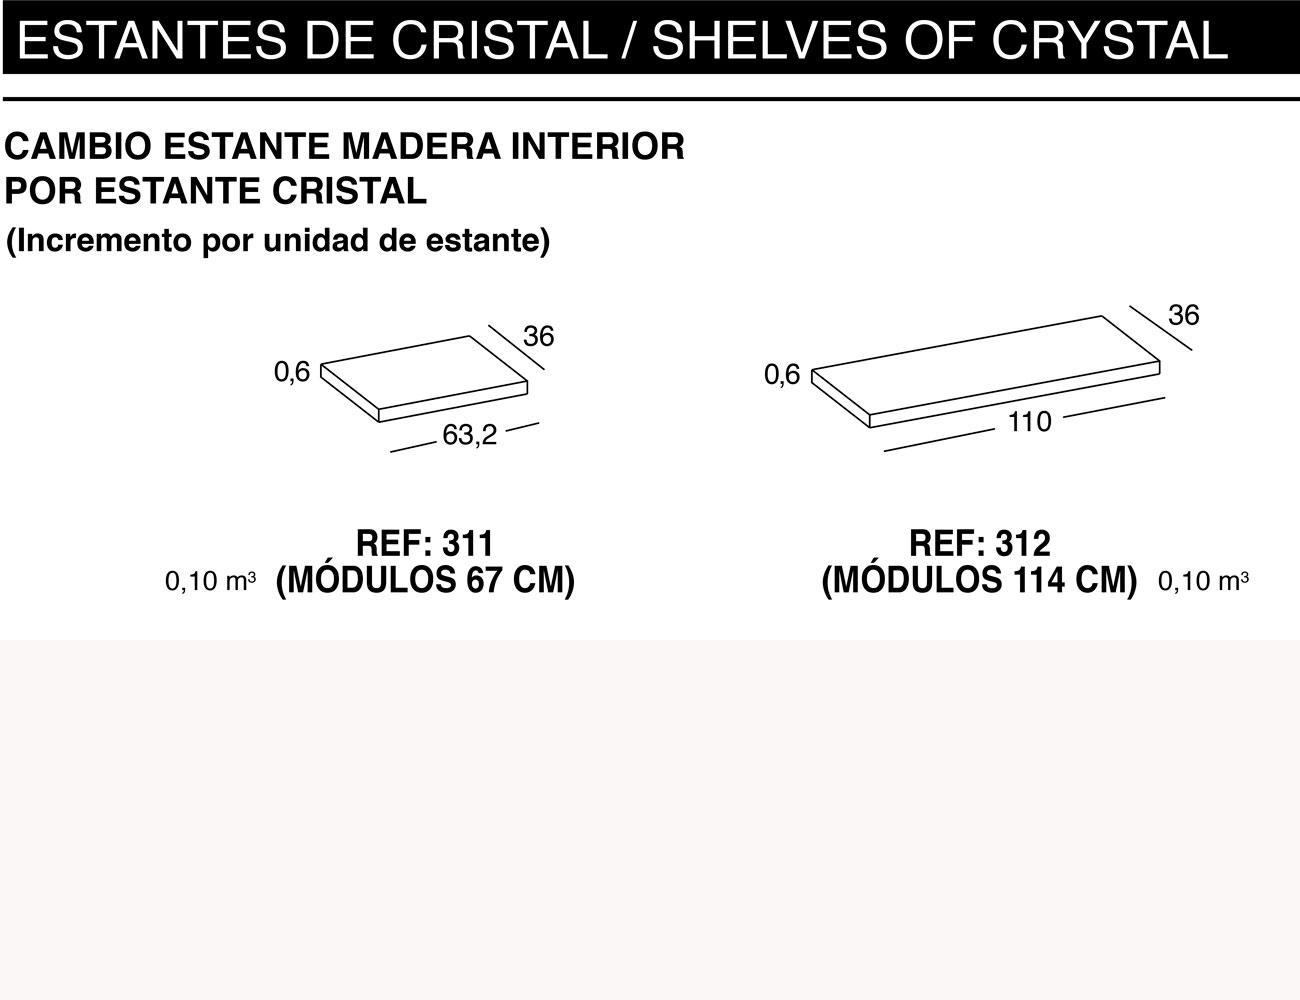 Cambio estante madera interior estante cristal